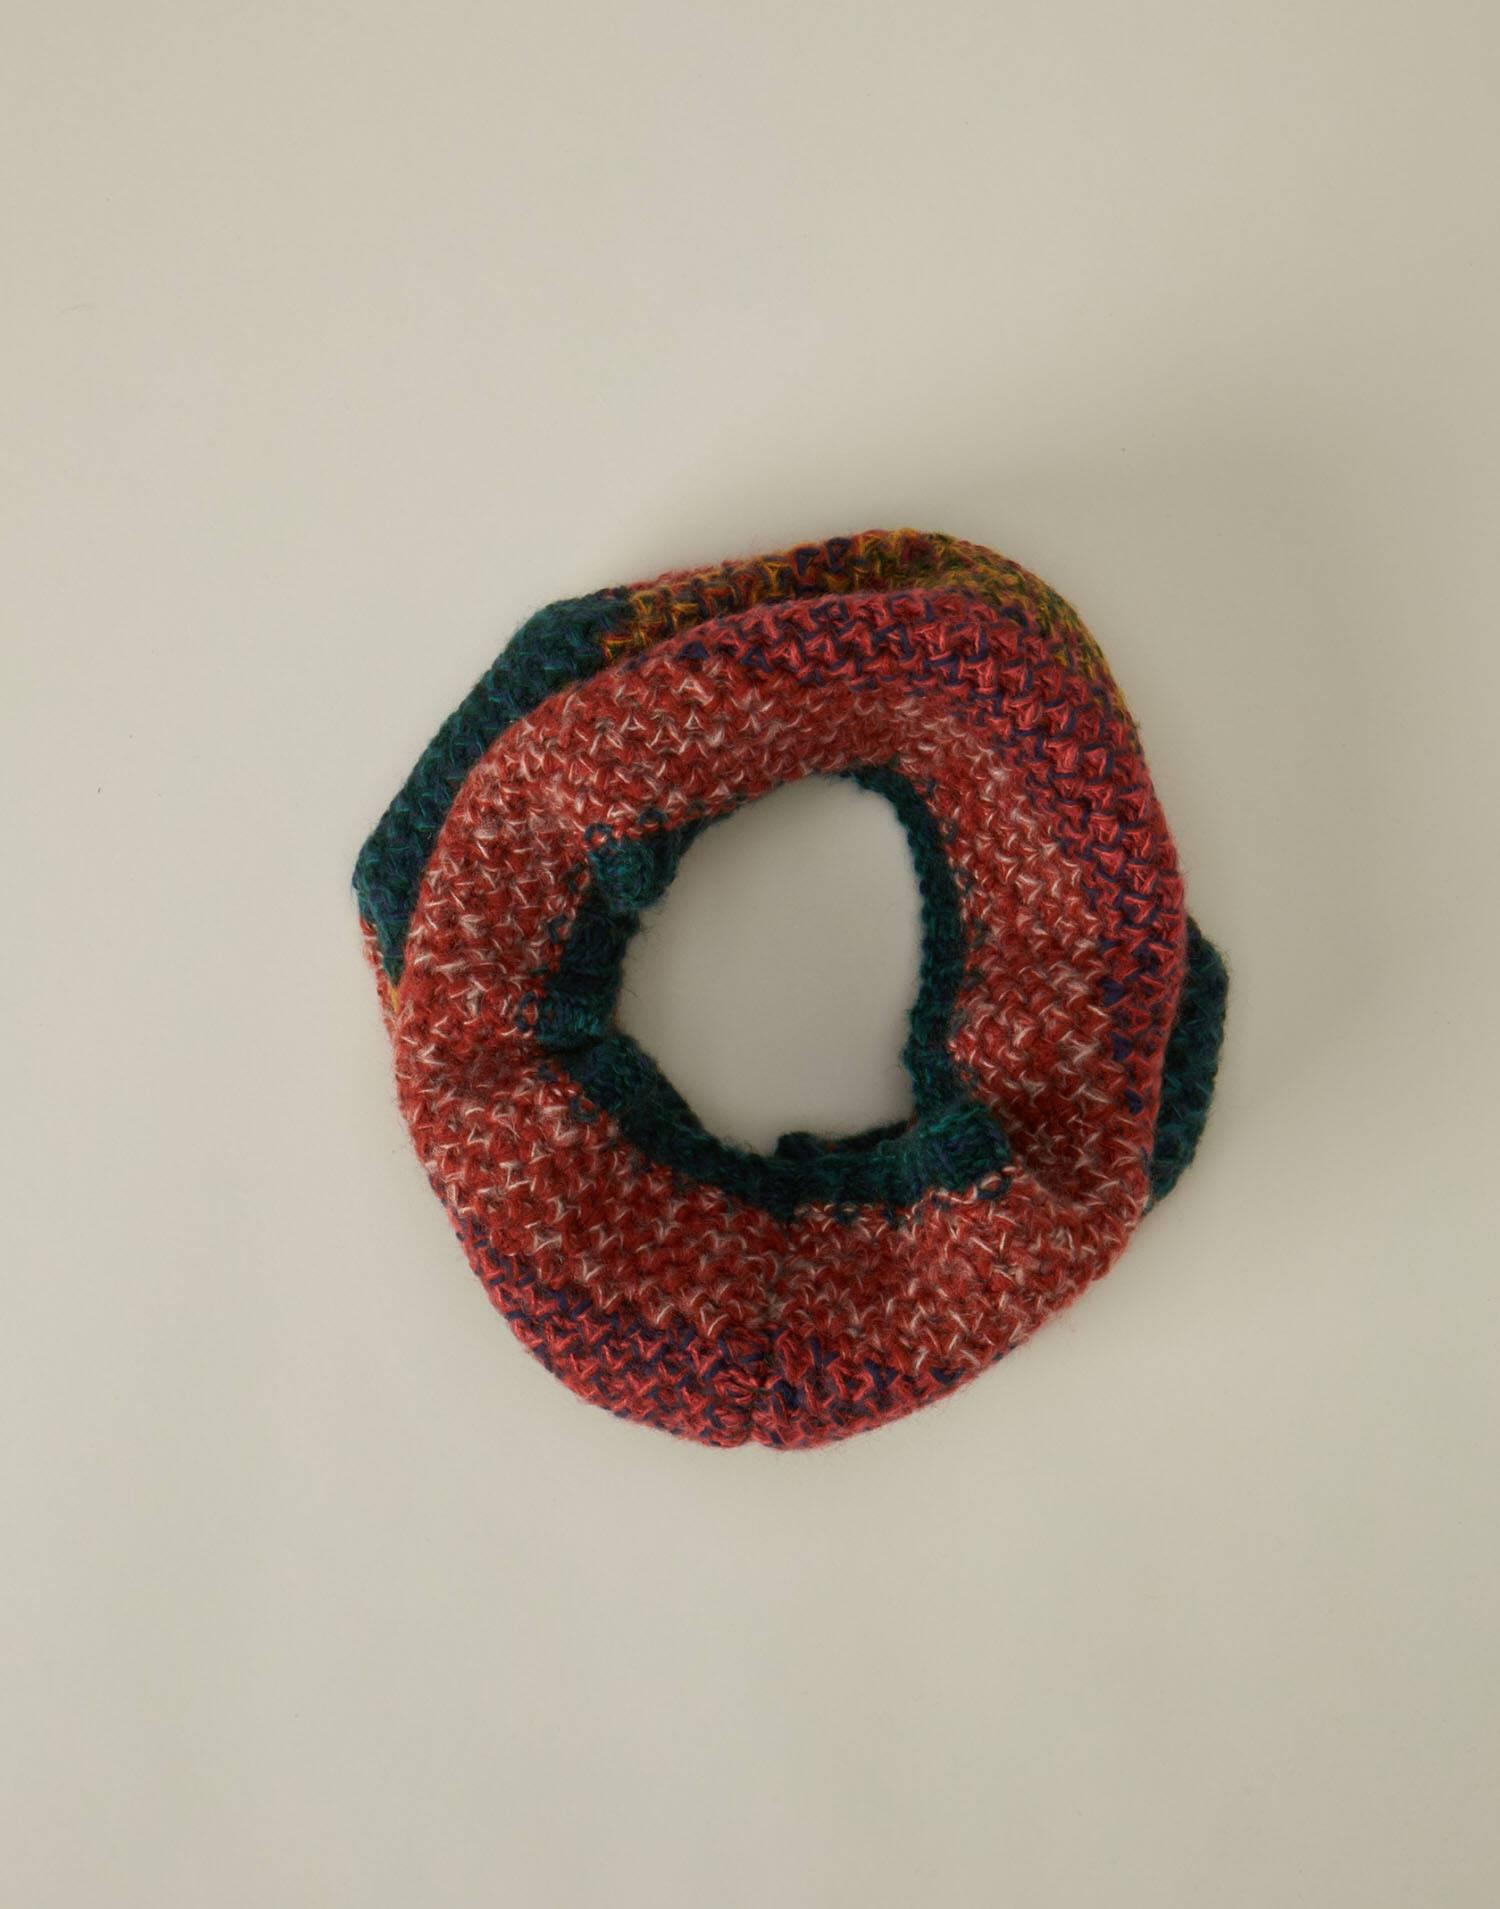 Striped knit neck scarf